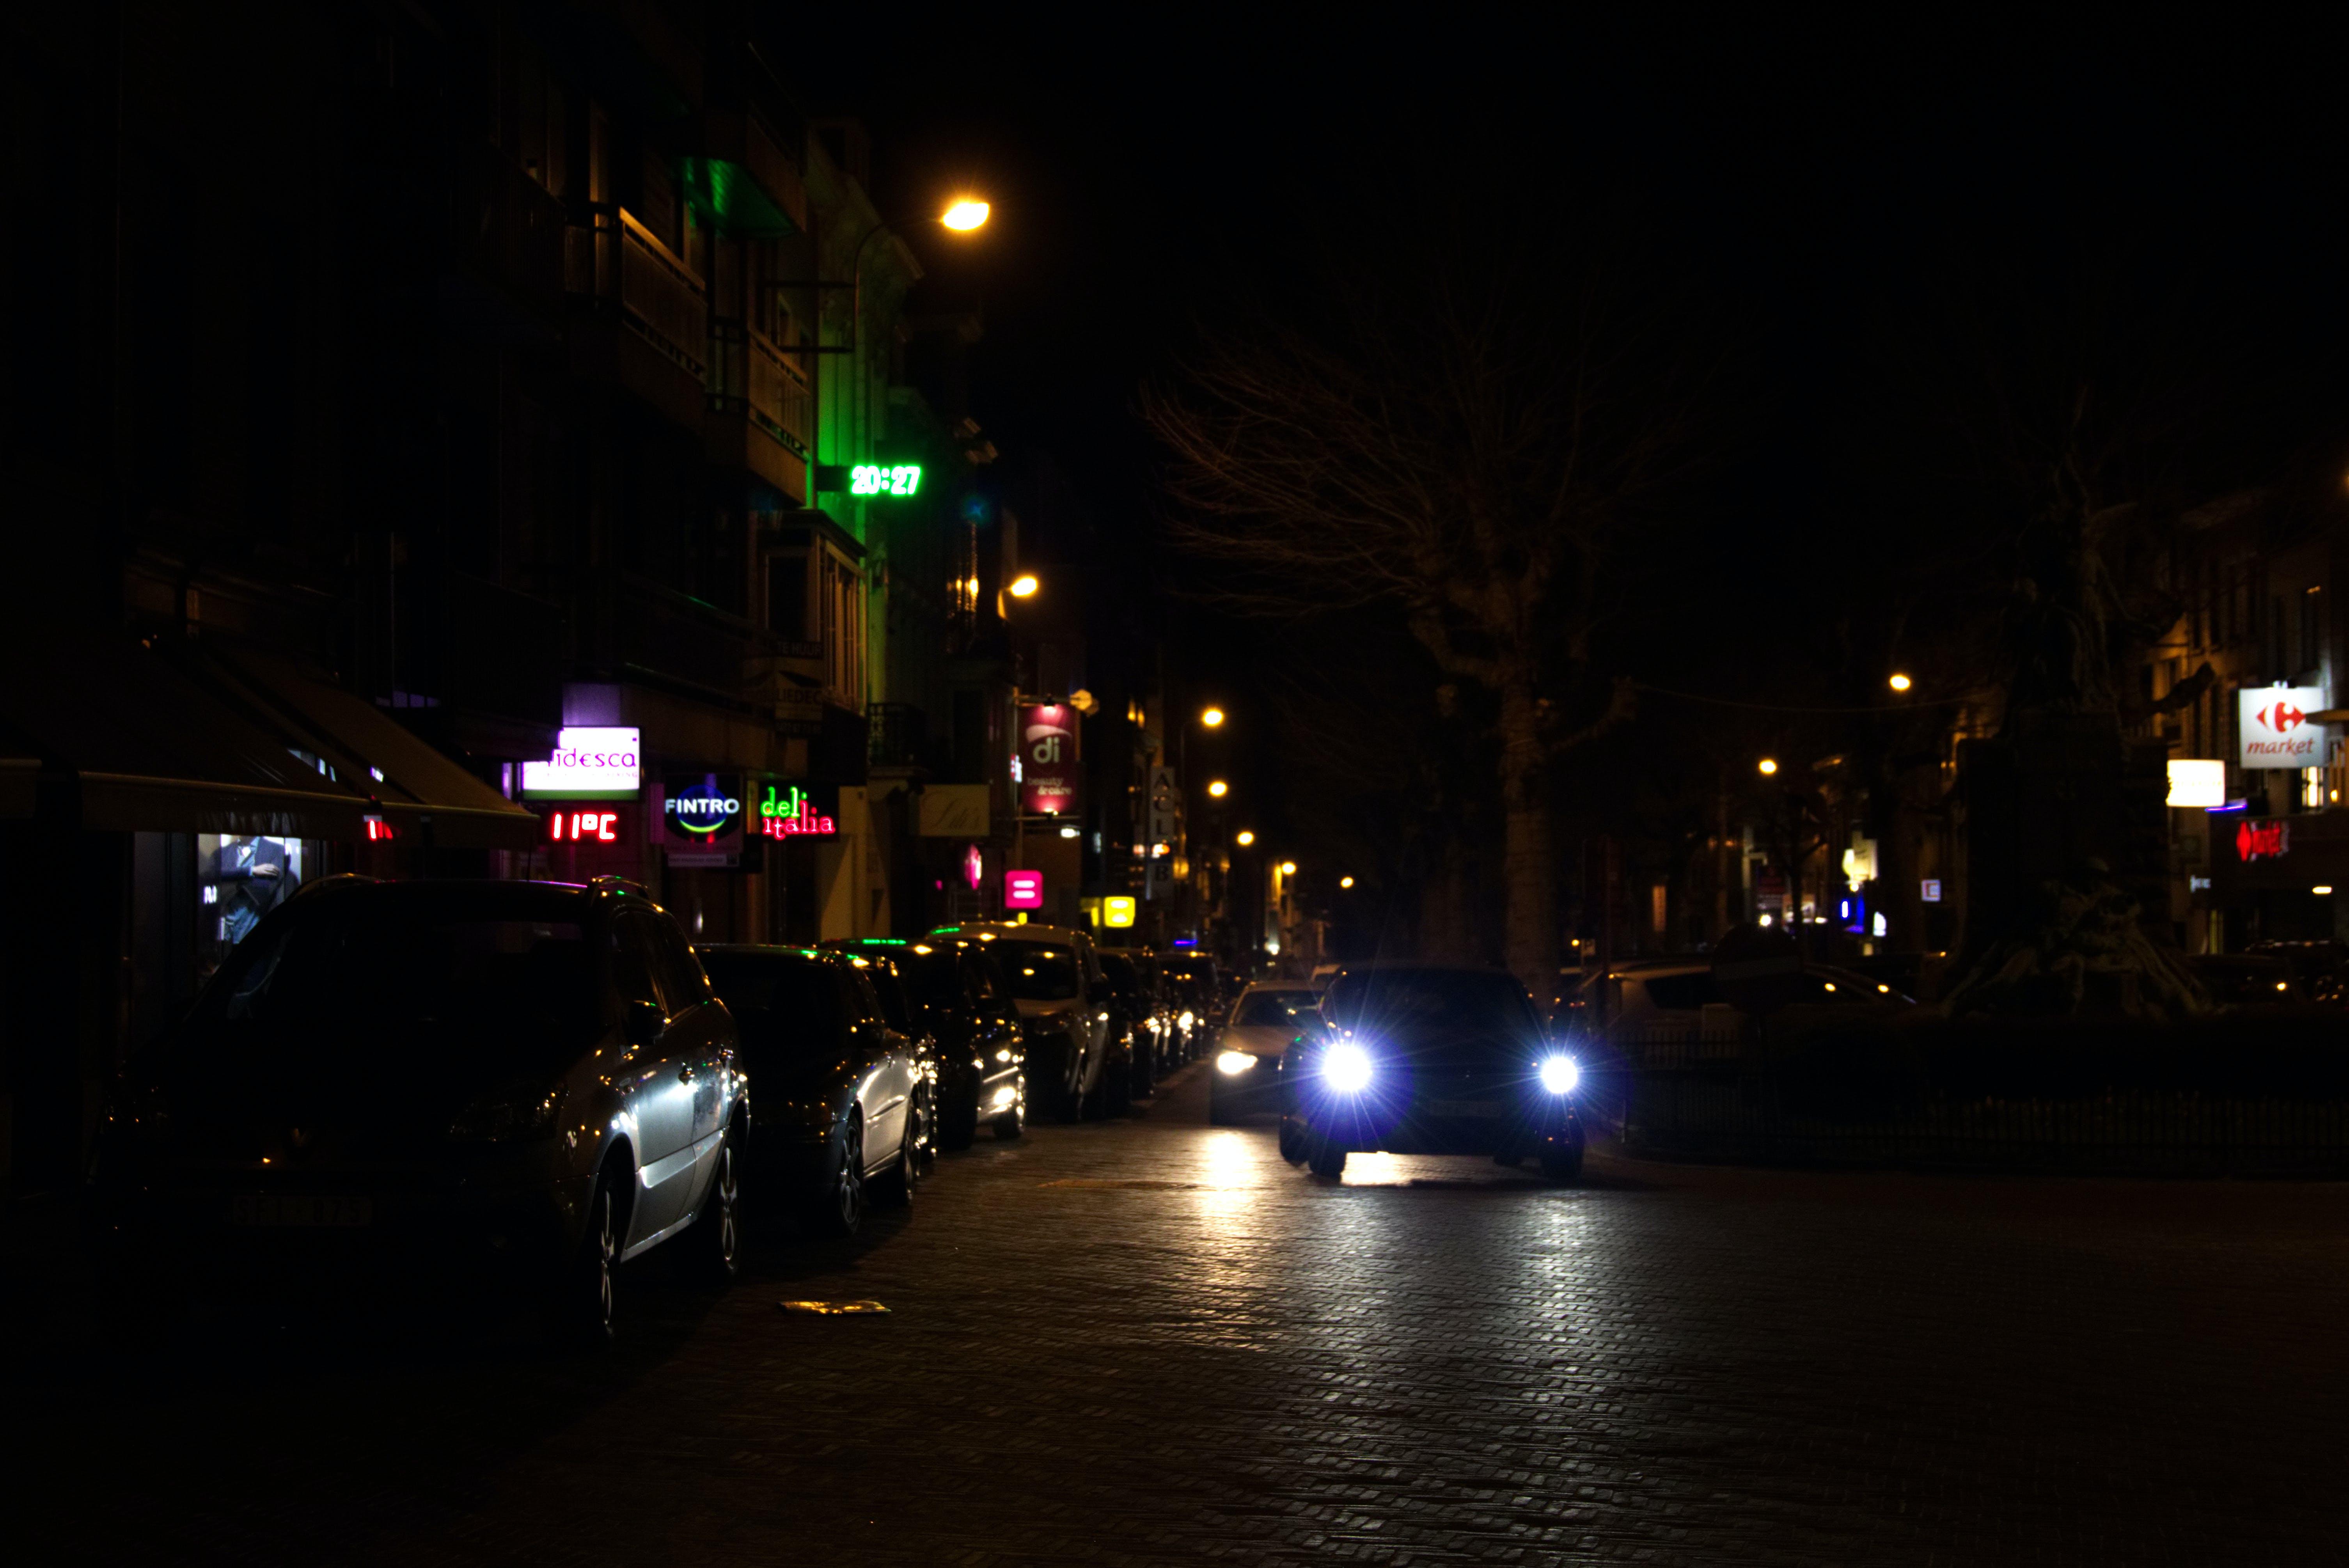 low light, night lights, street